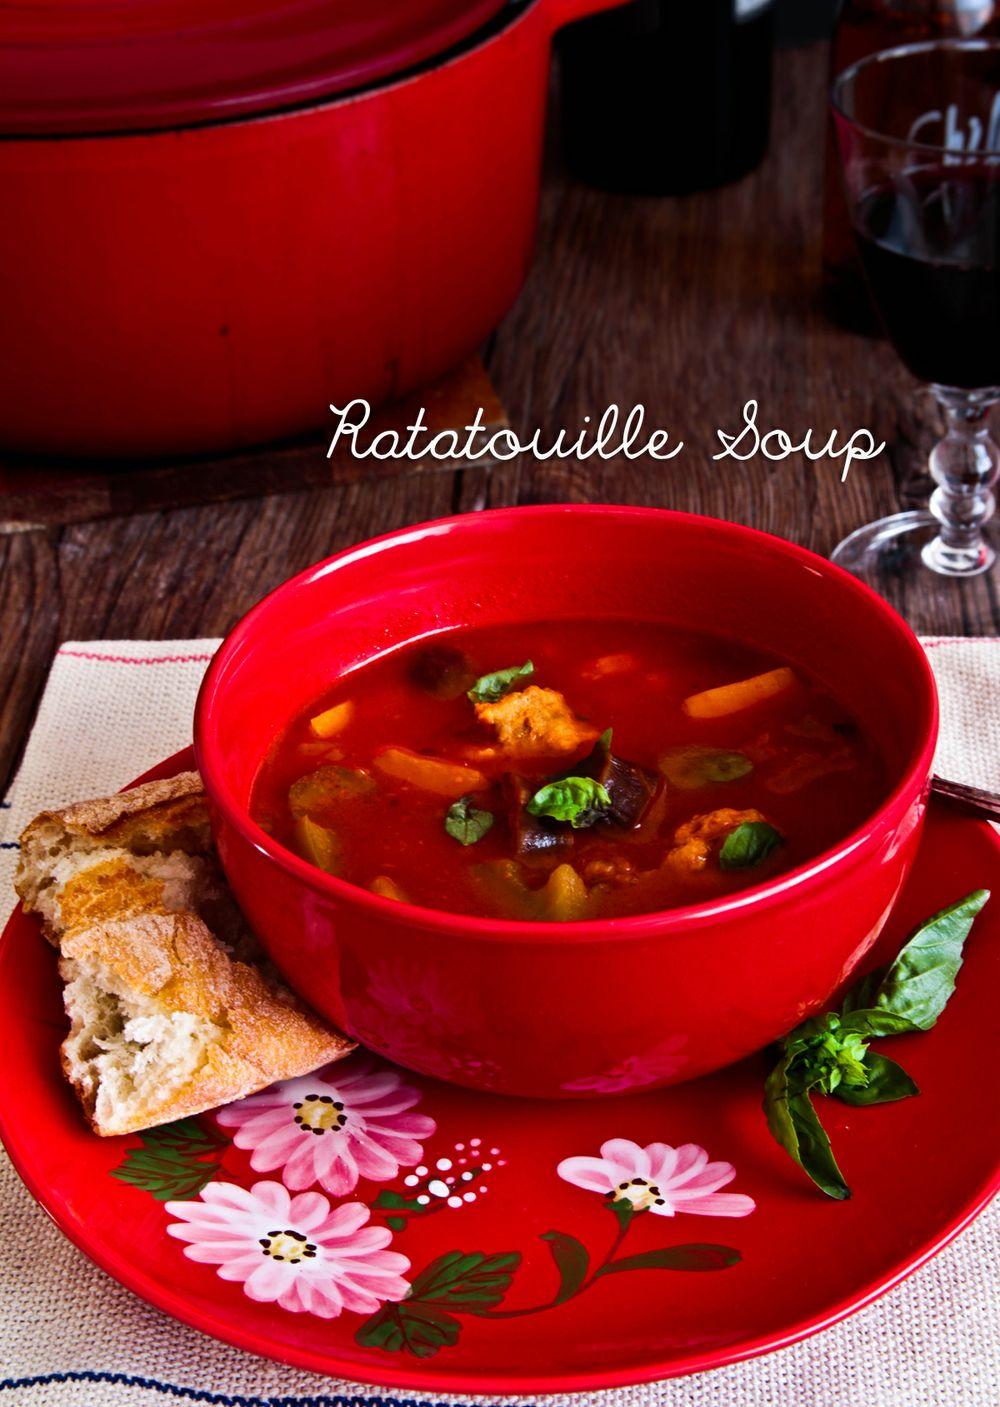 m-ratatouille-soup-2-3